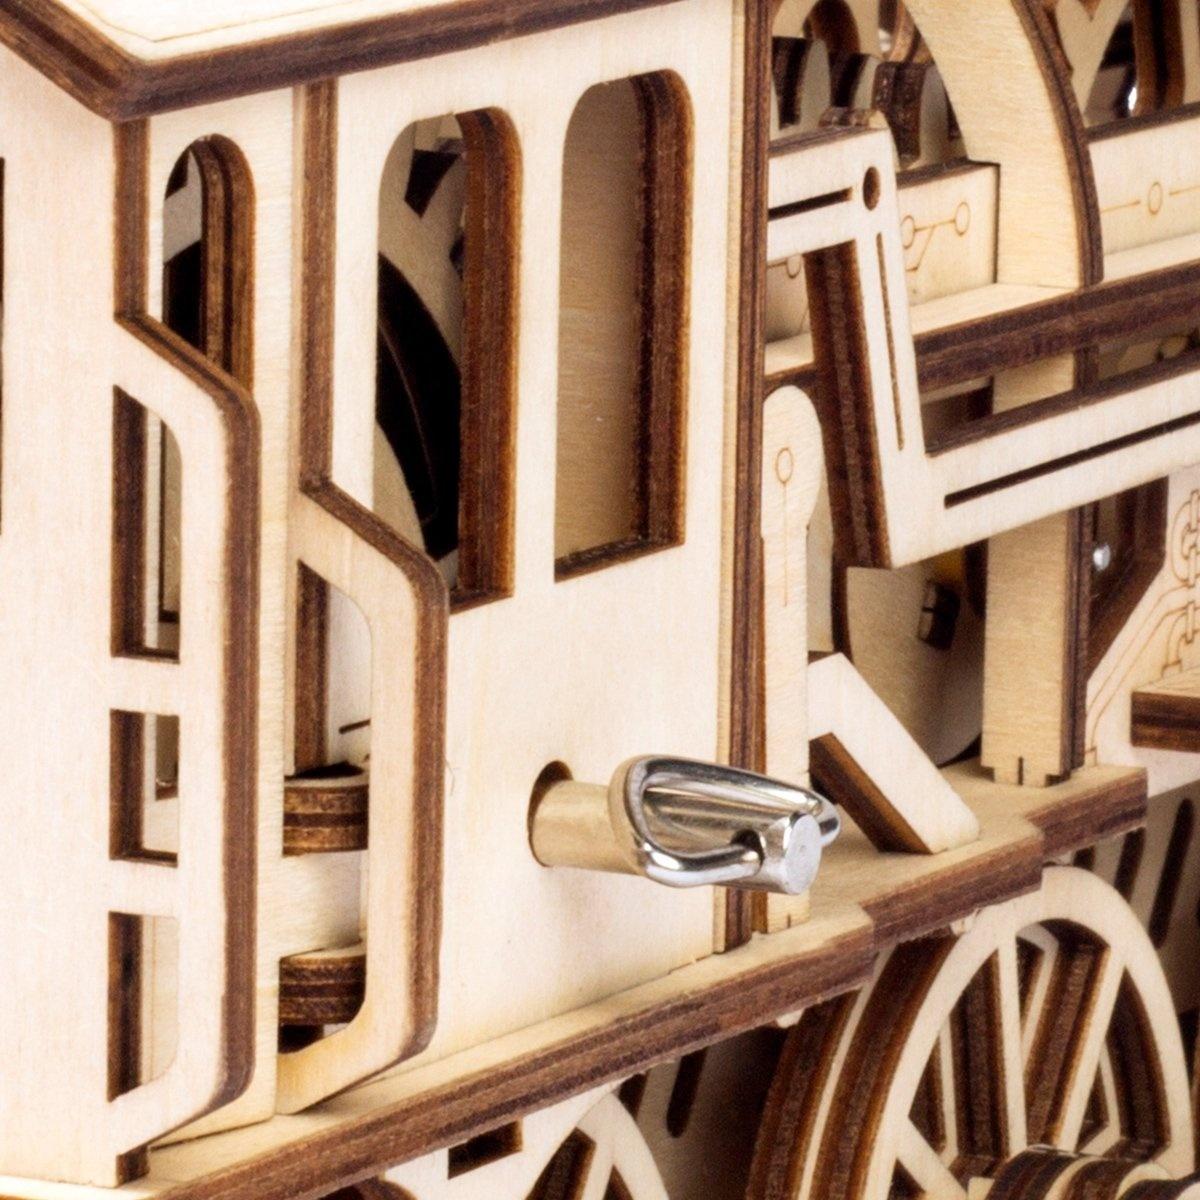 Construction Set Model KitMechanical... Robotime Laser Cut Wooden Puzzle